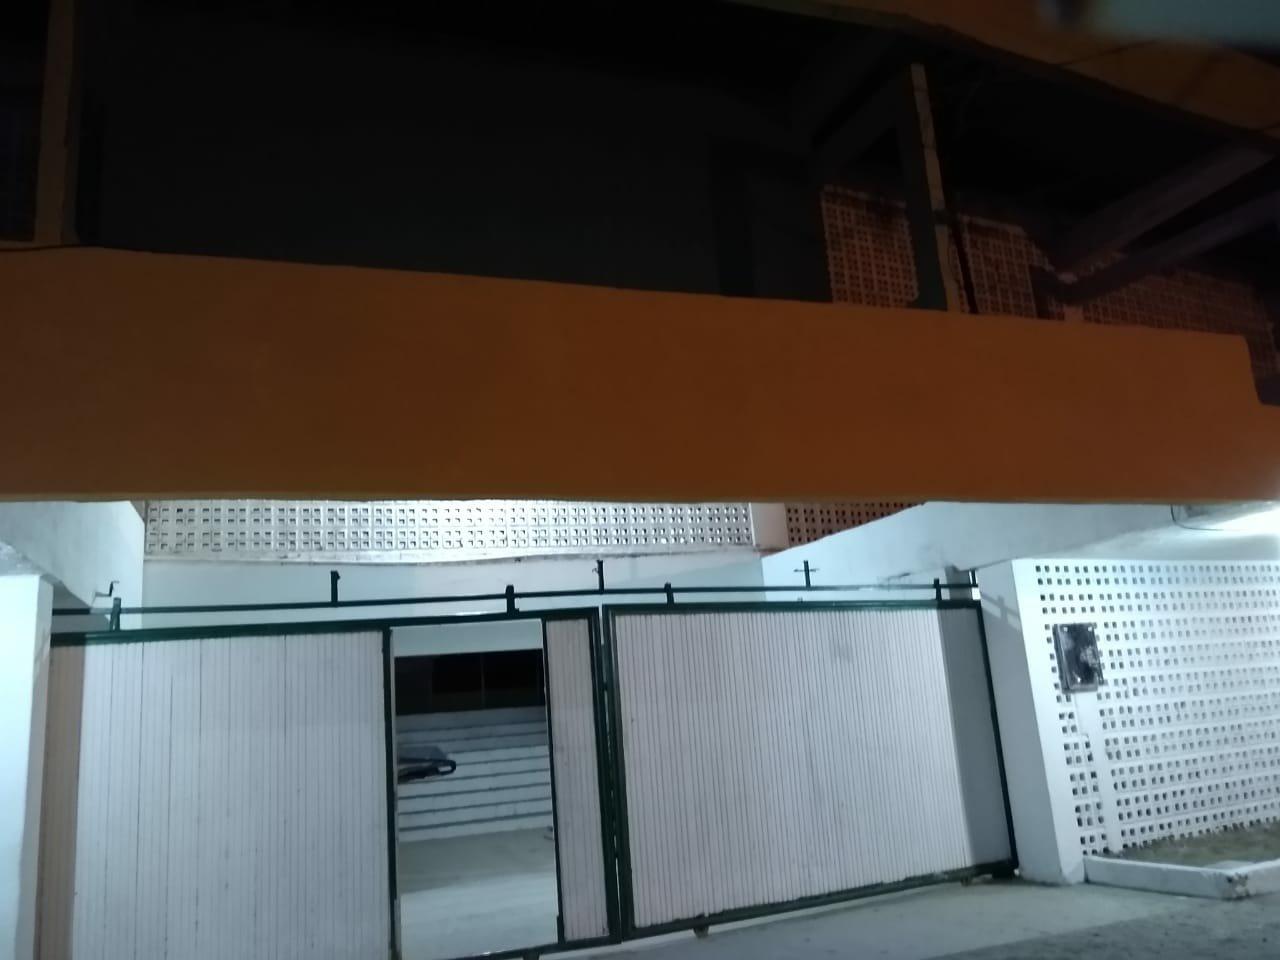 img 20191127 wa01861470000758608460640 - Após revitalização, Prefeitura de Bayeux realiza evento para reabertura do estádio Lourival Caetano